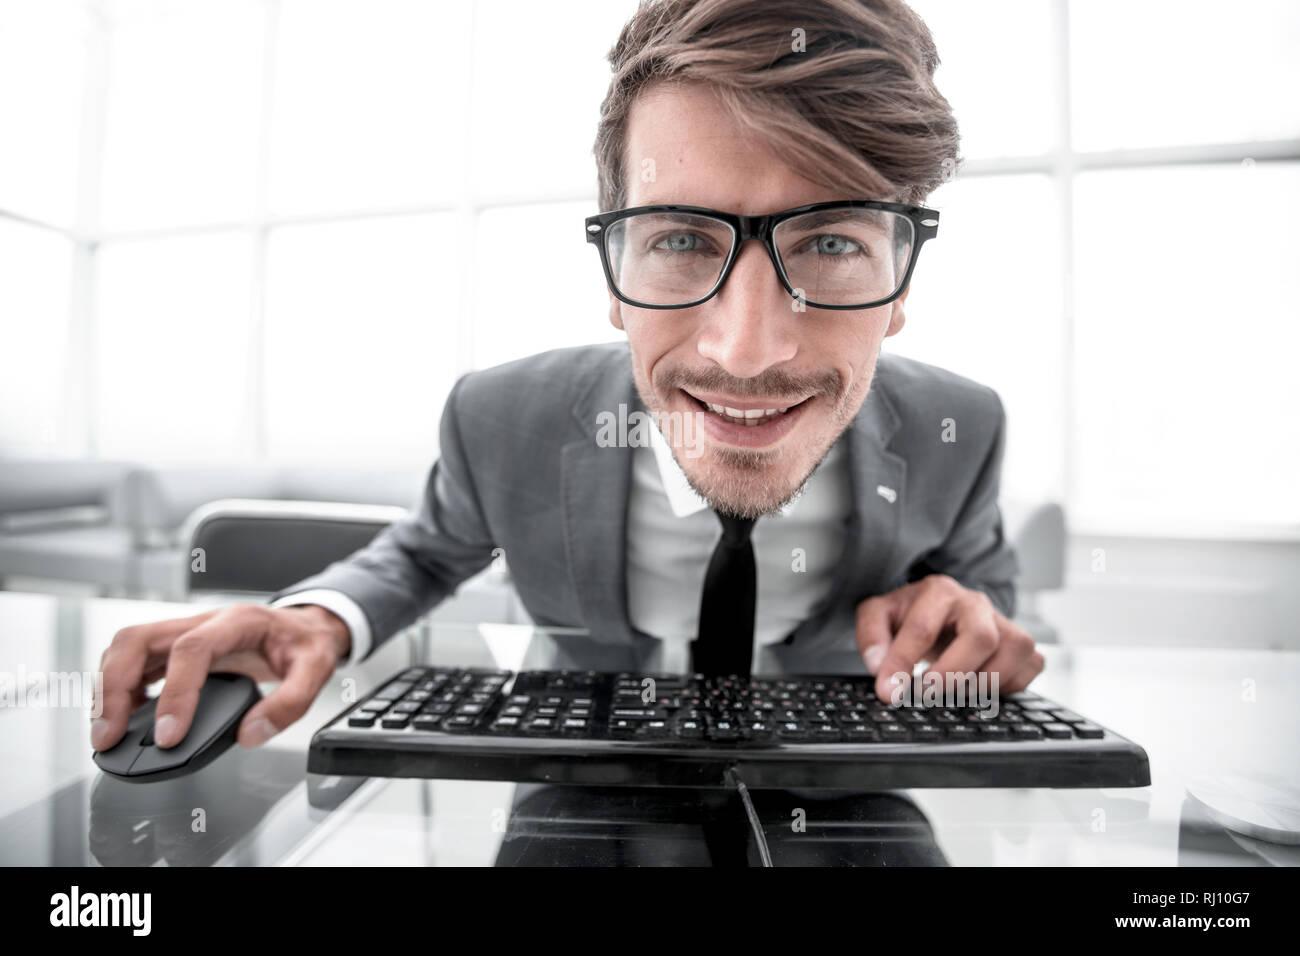 Fou à taper sur le clavier de l'homme Photo Stock